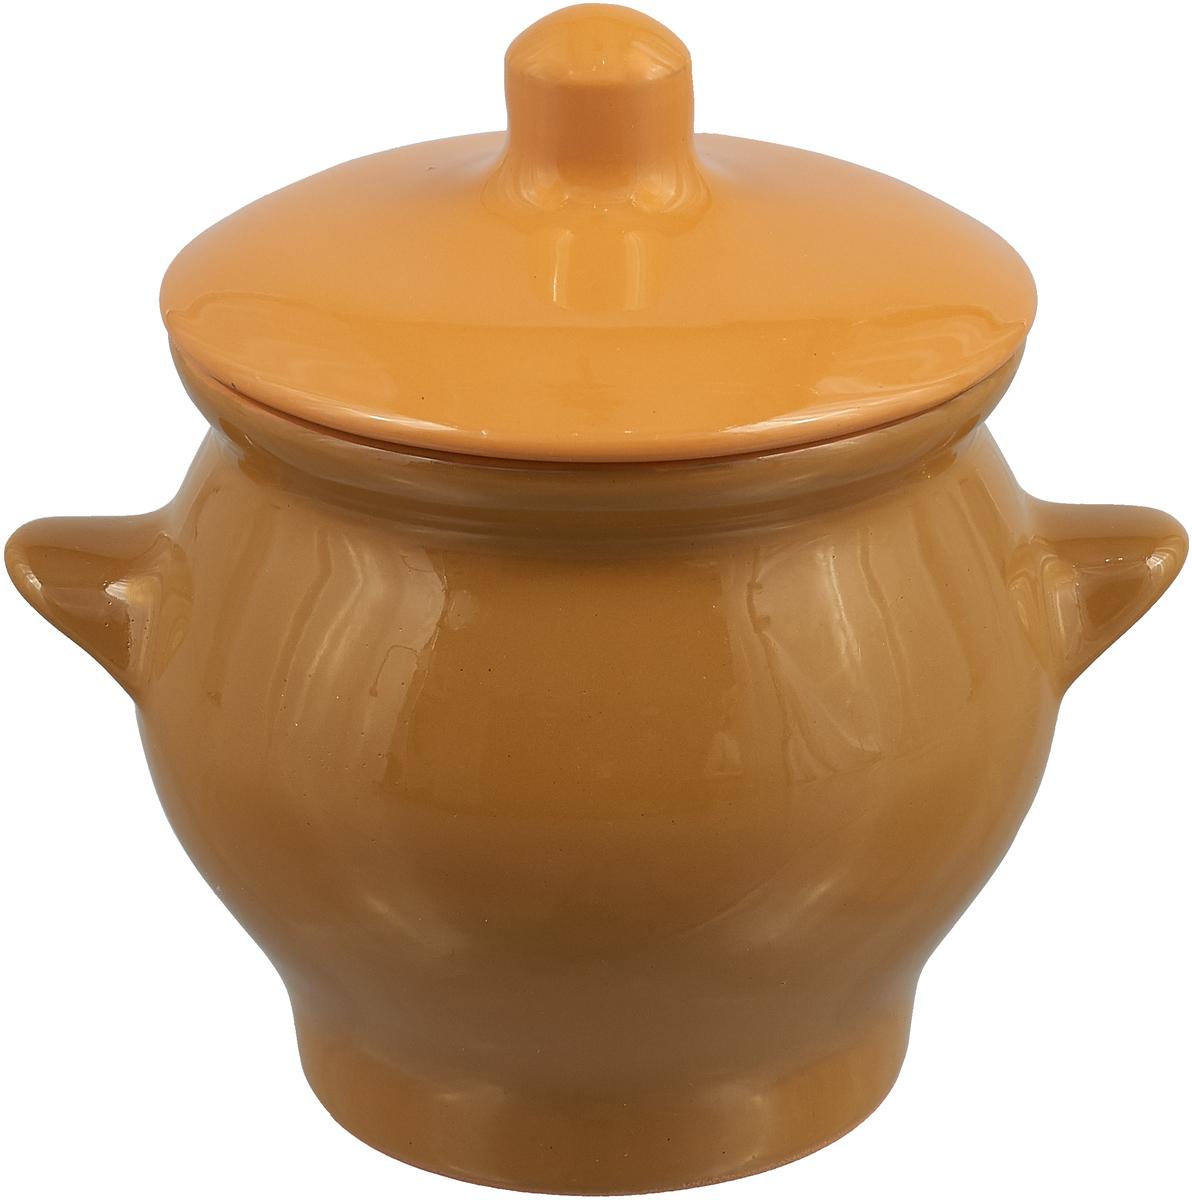 горшок для жаркого борисовская керамика лакомка цвет рисунка голубой 0 5 л Горшок для жаркого Борисовская керамика Радуга, цвет: горчичный, оранжевый, 650 мл